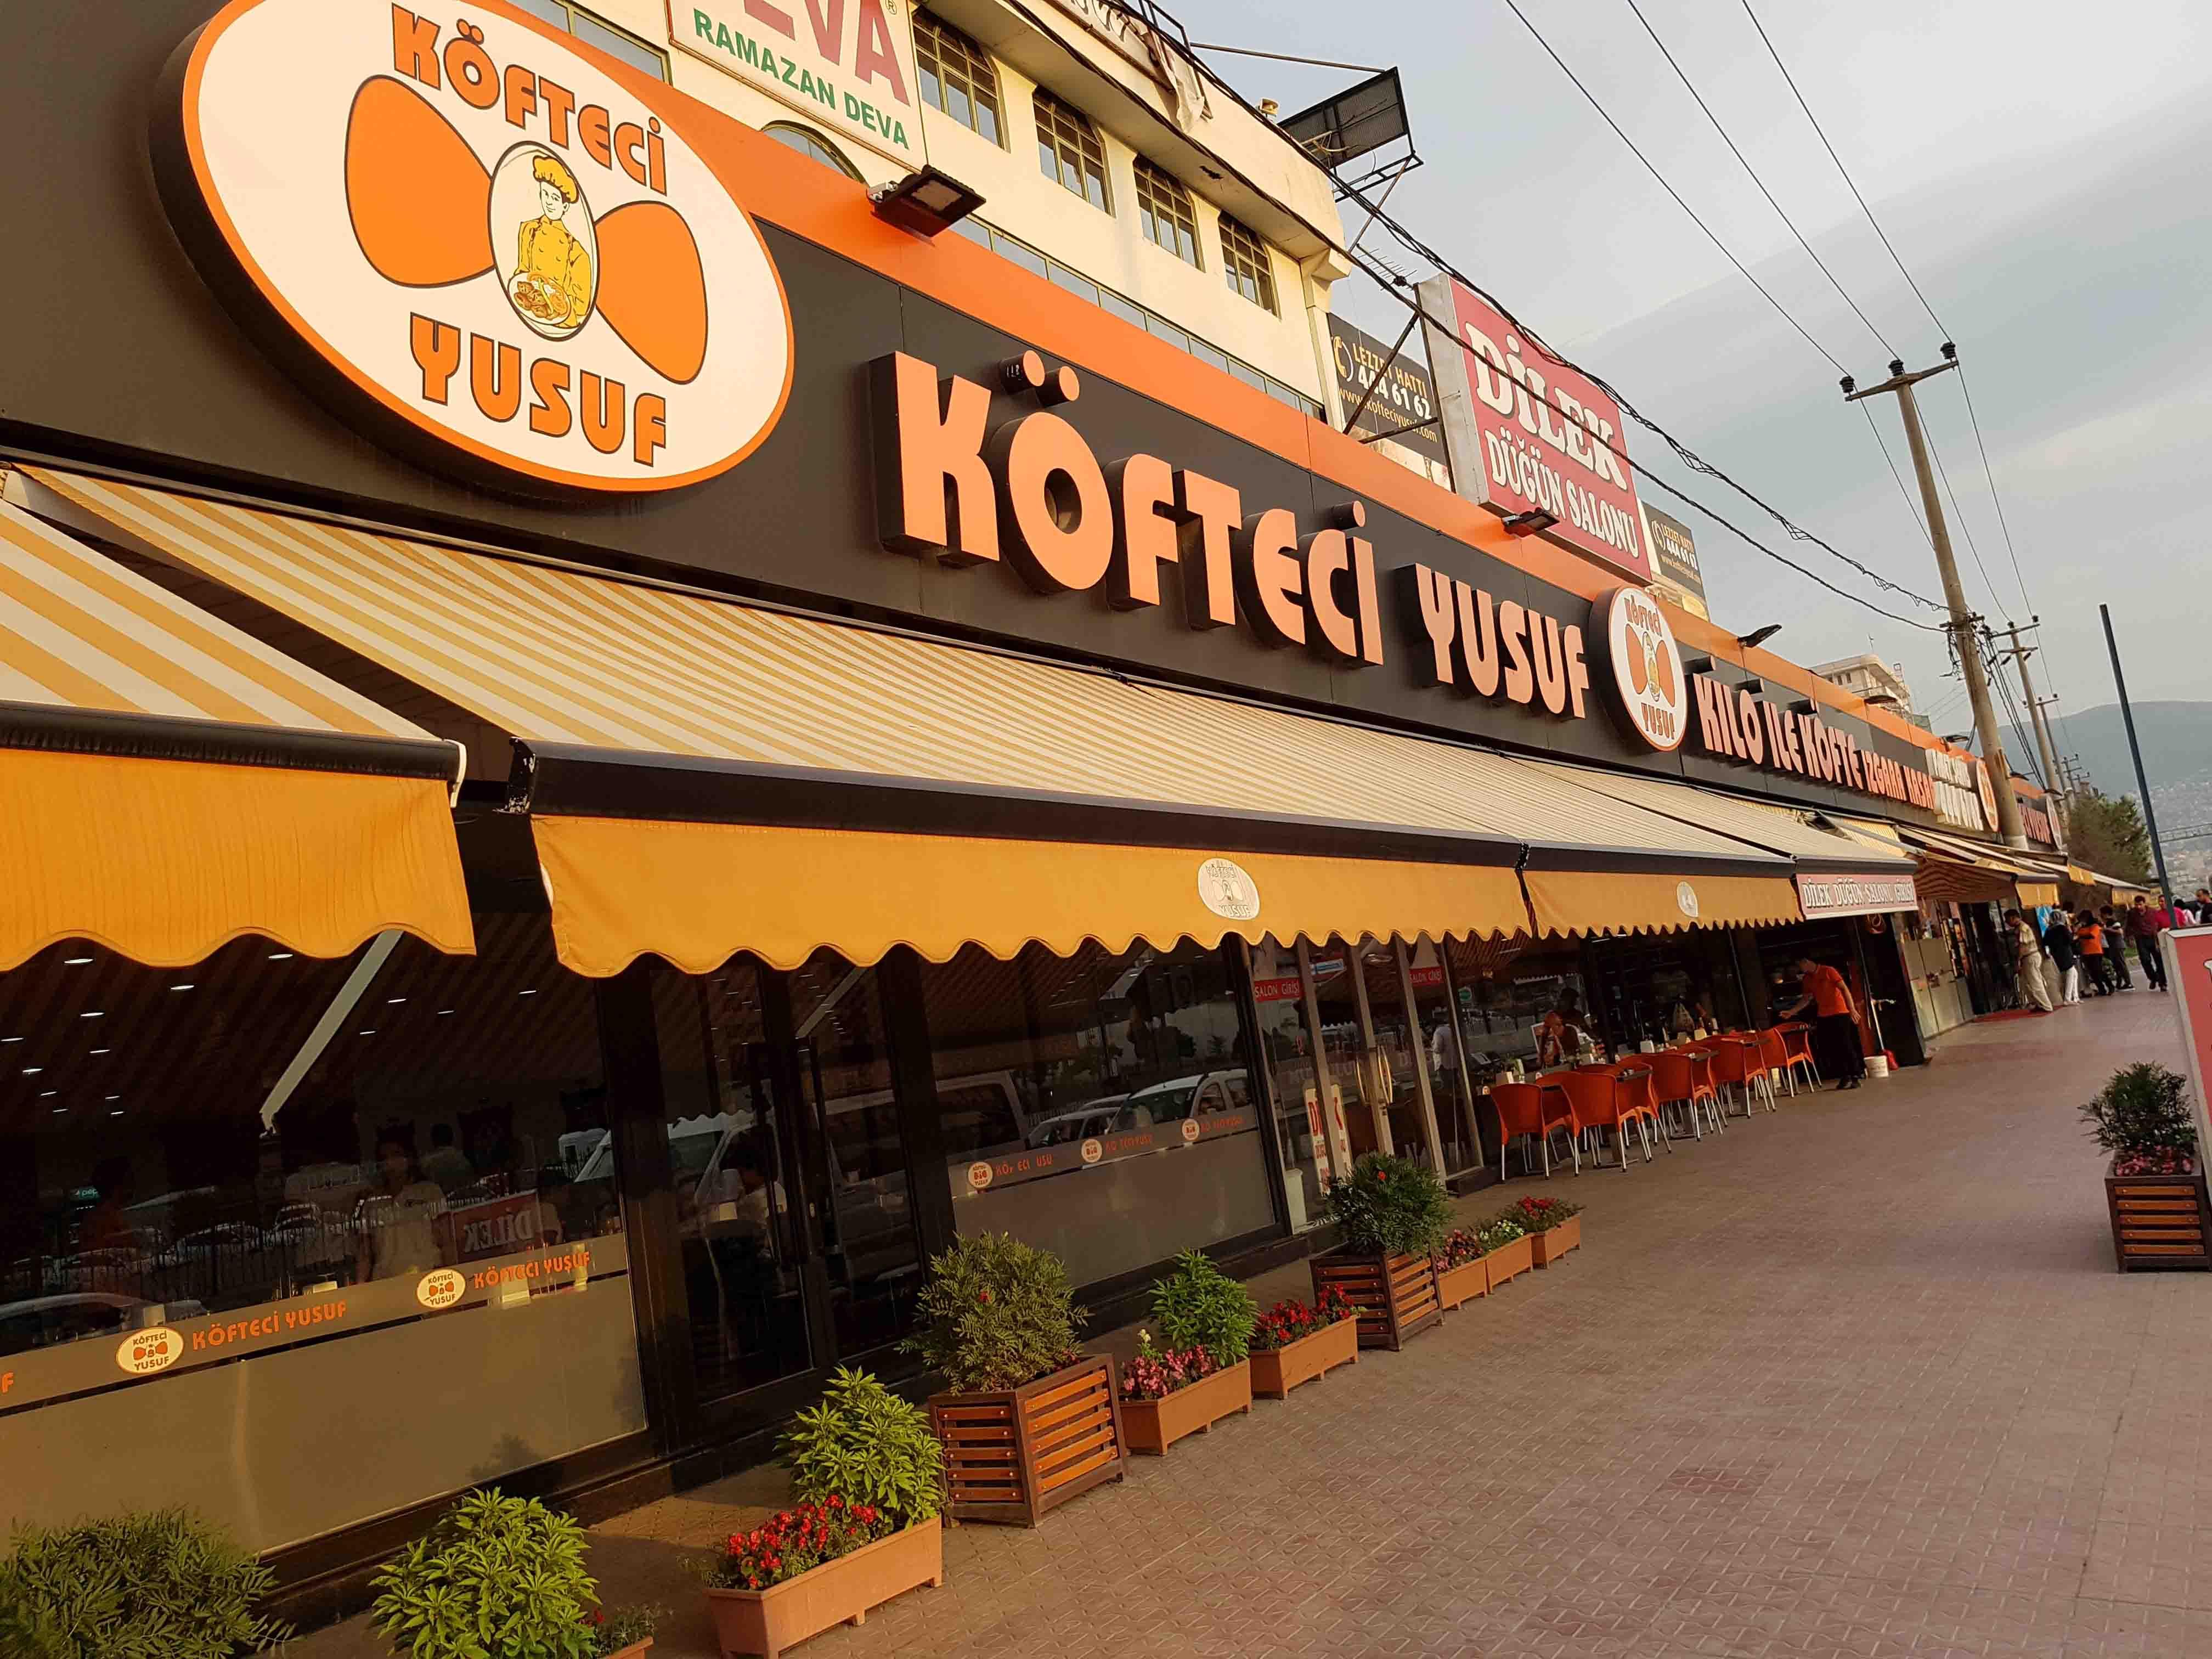 نتيجة بحث الصور عن مطعم كفتجي يوسف يلوا